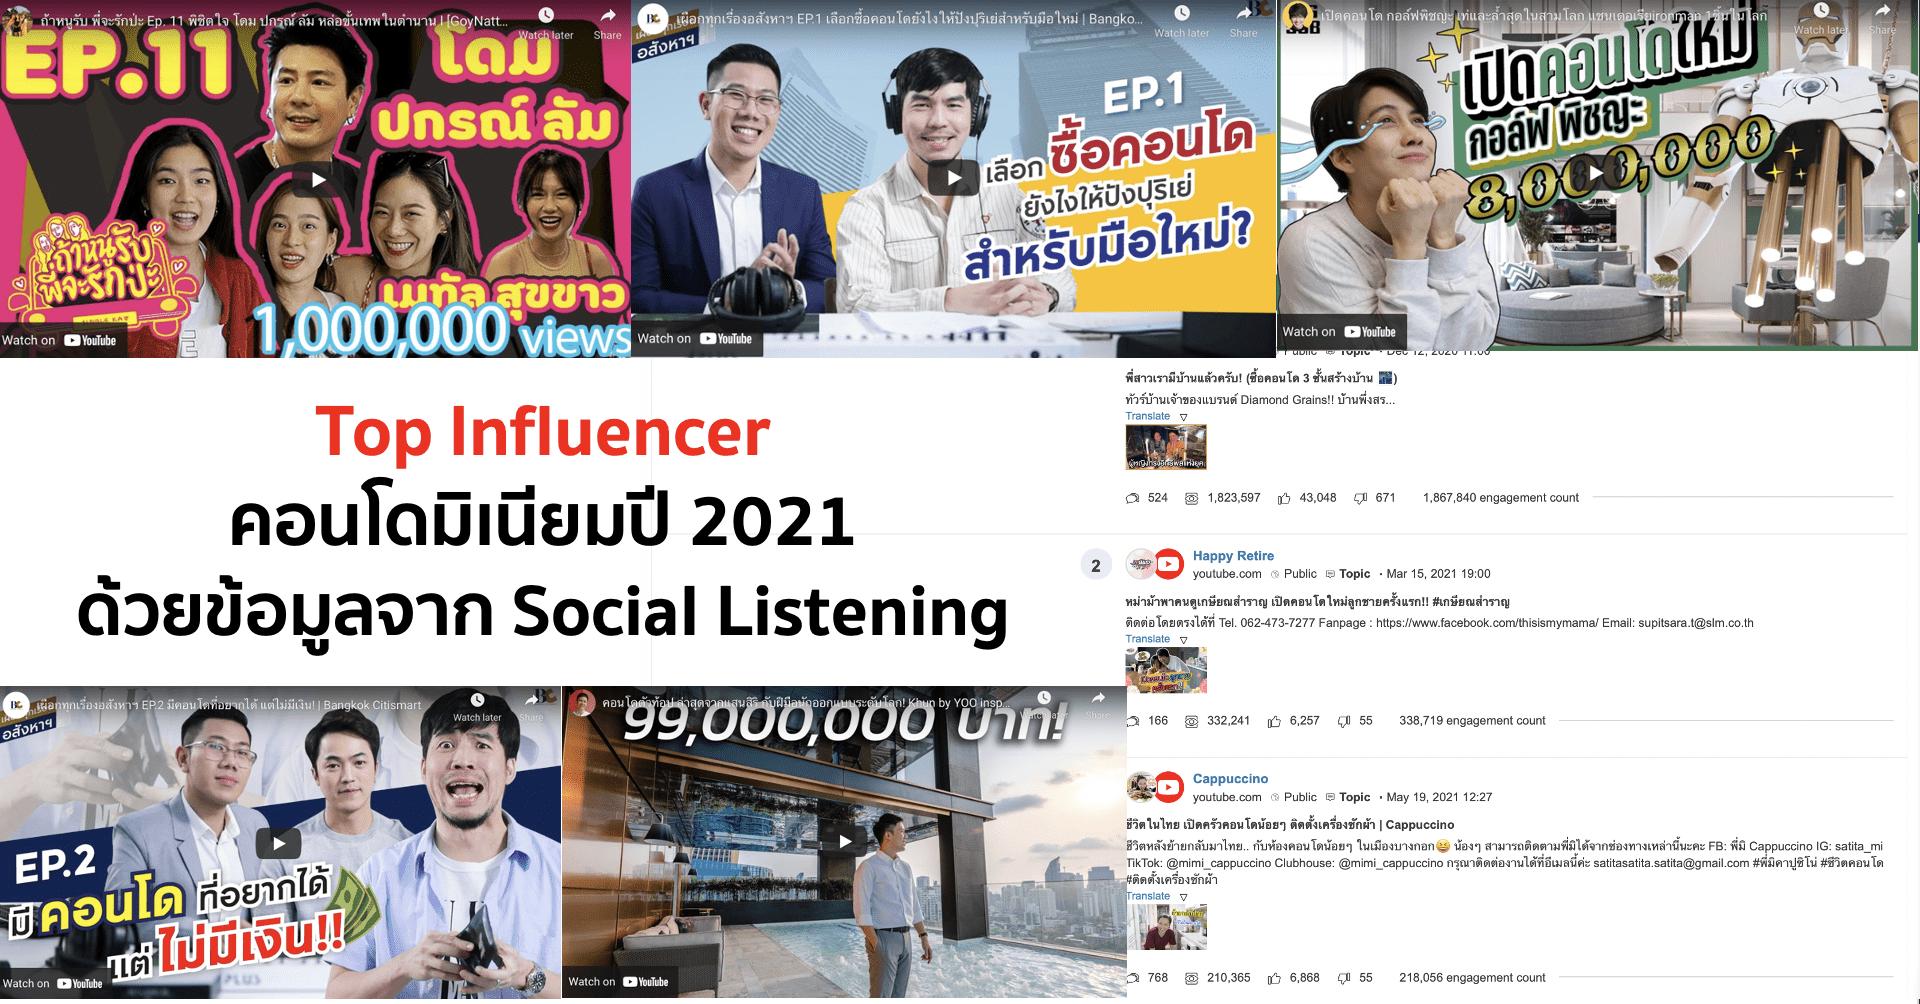 จัดอันดับ Top Influencer คอนโดมิเนียมปี 2021 ด้วยข้อมูลจาก Social Listening